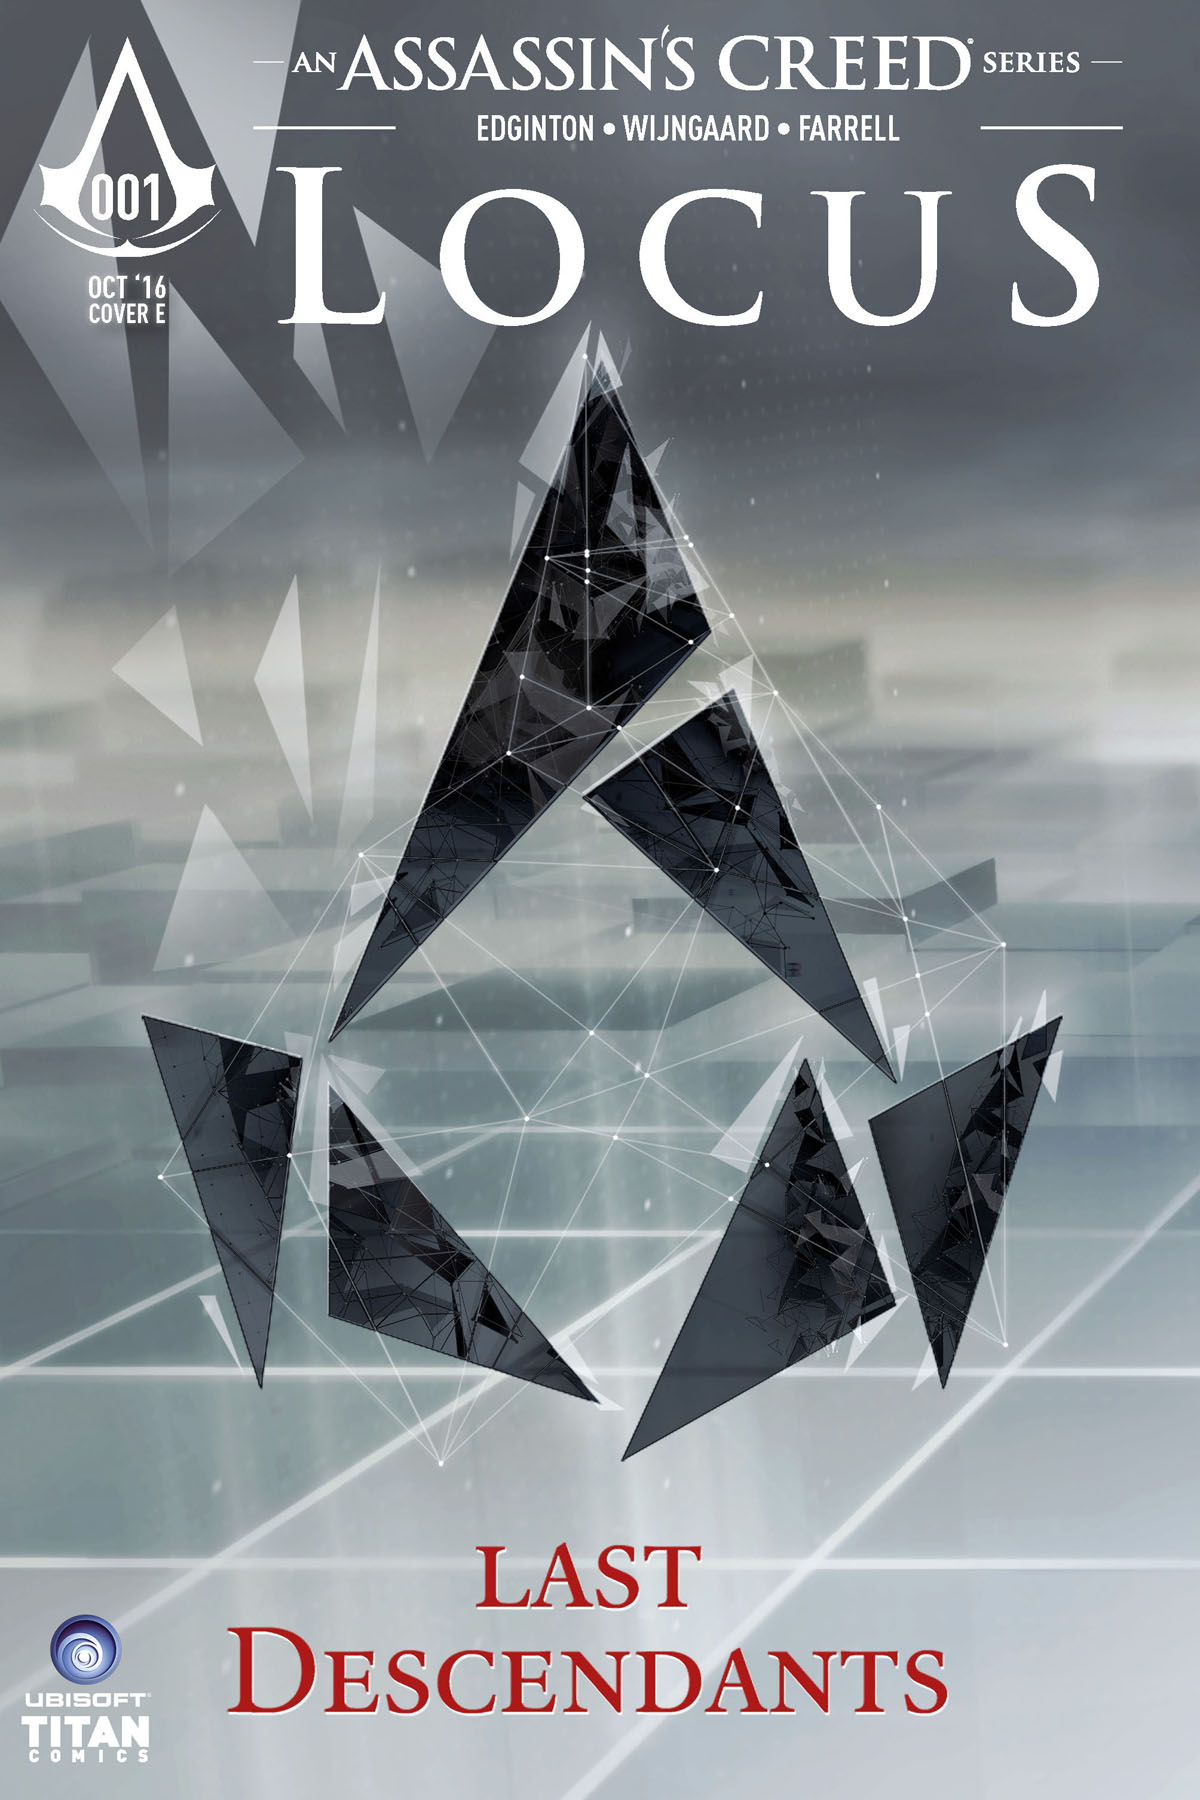 LOCUS 001 - COVER E